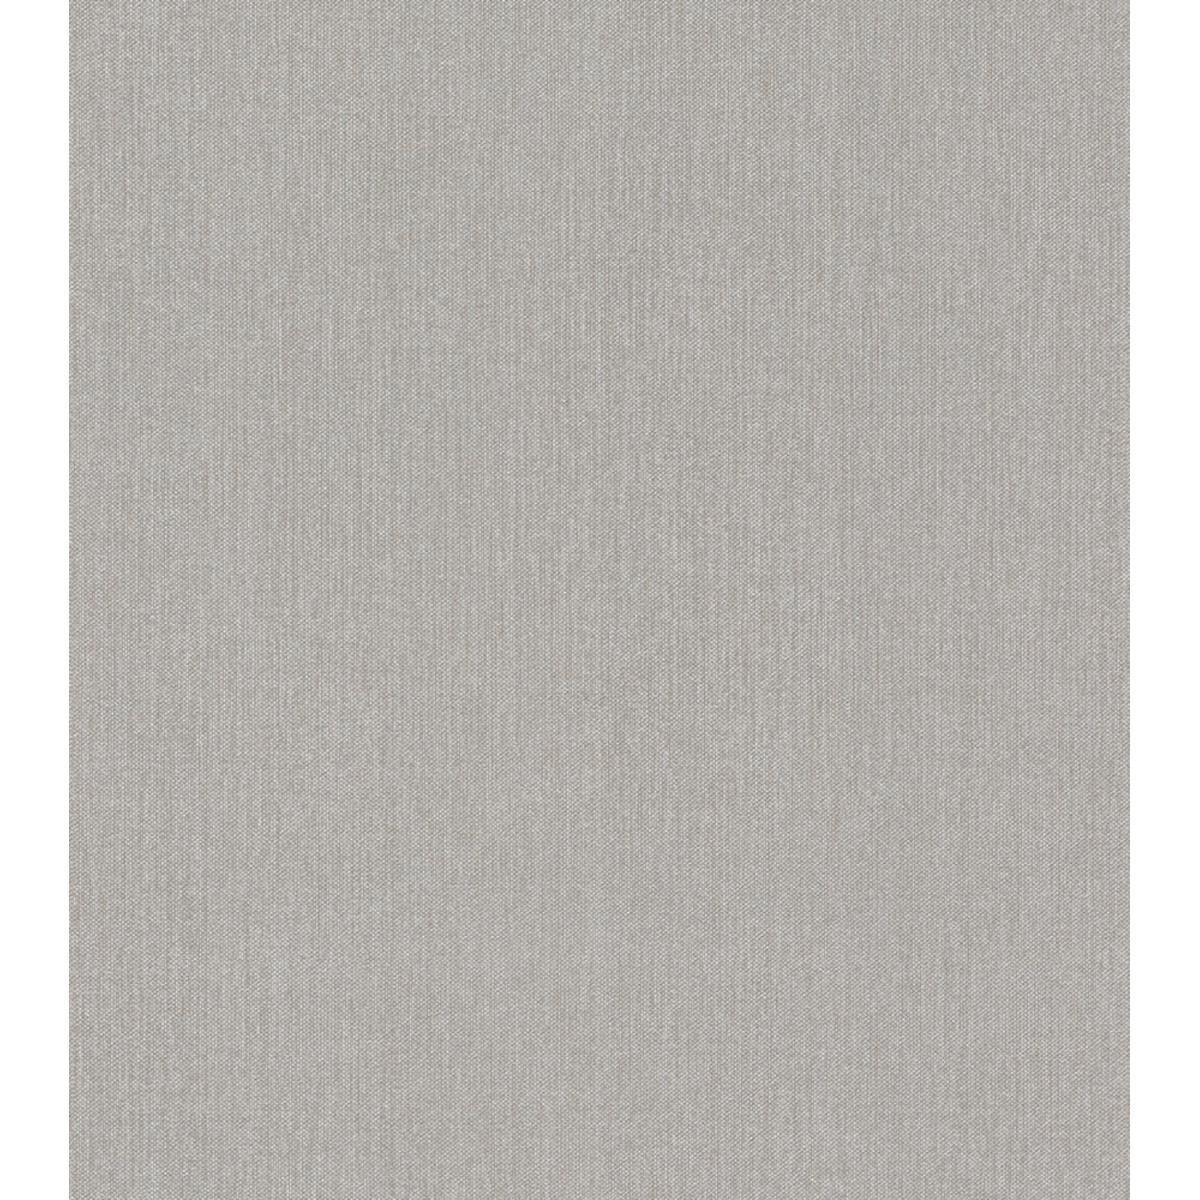 Обои флизелиновые Rasch Poetry 2 серые 545432 0.53 м